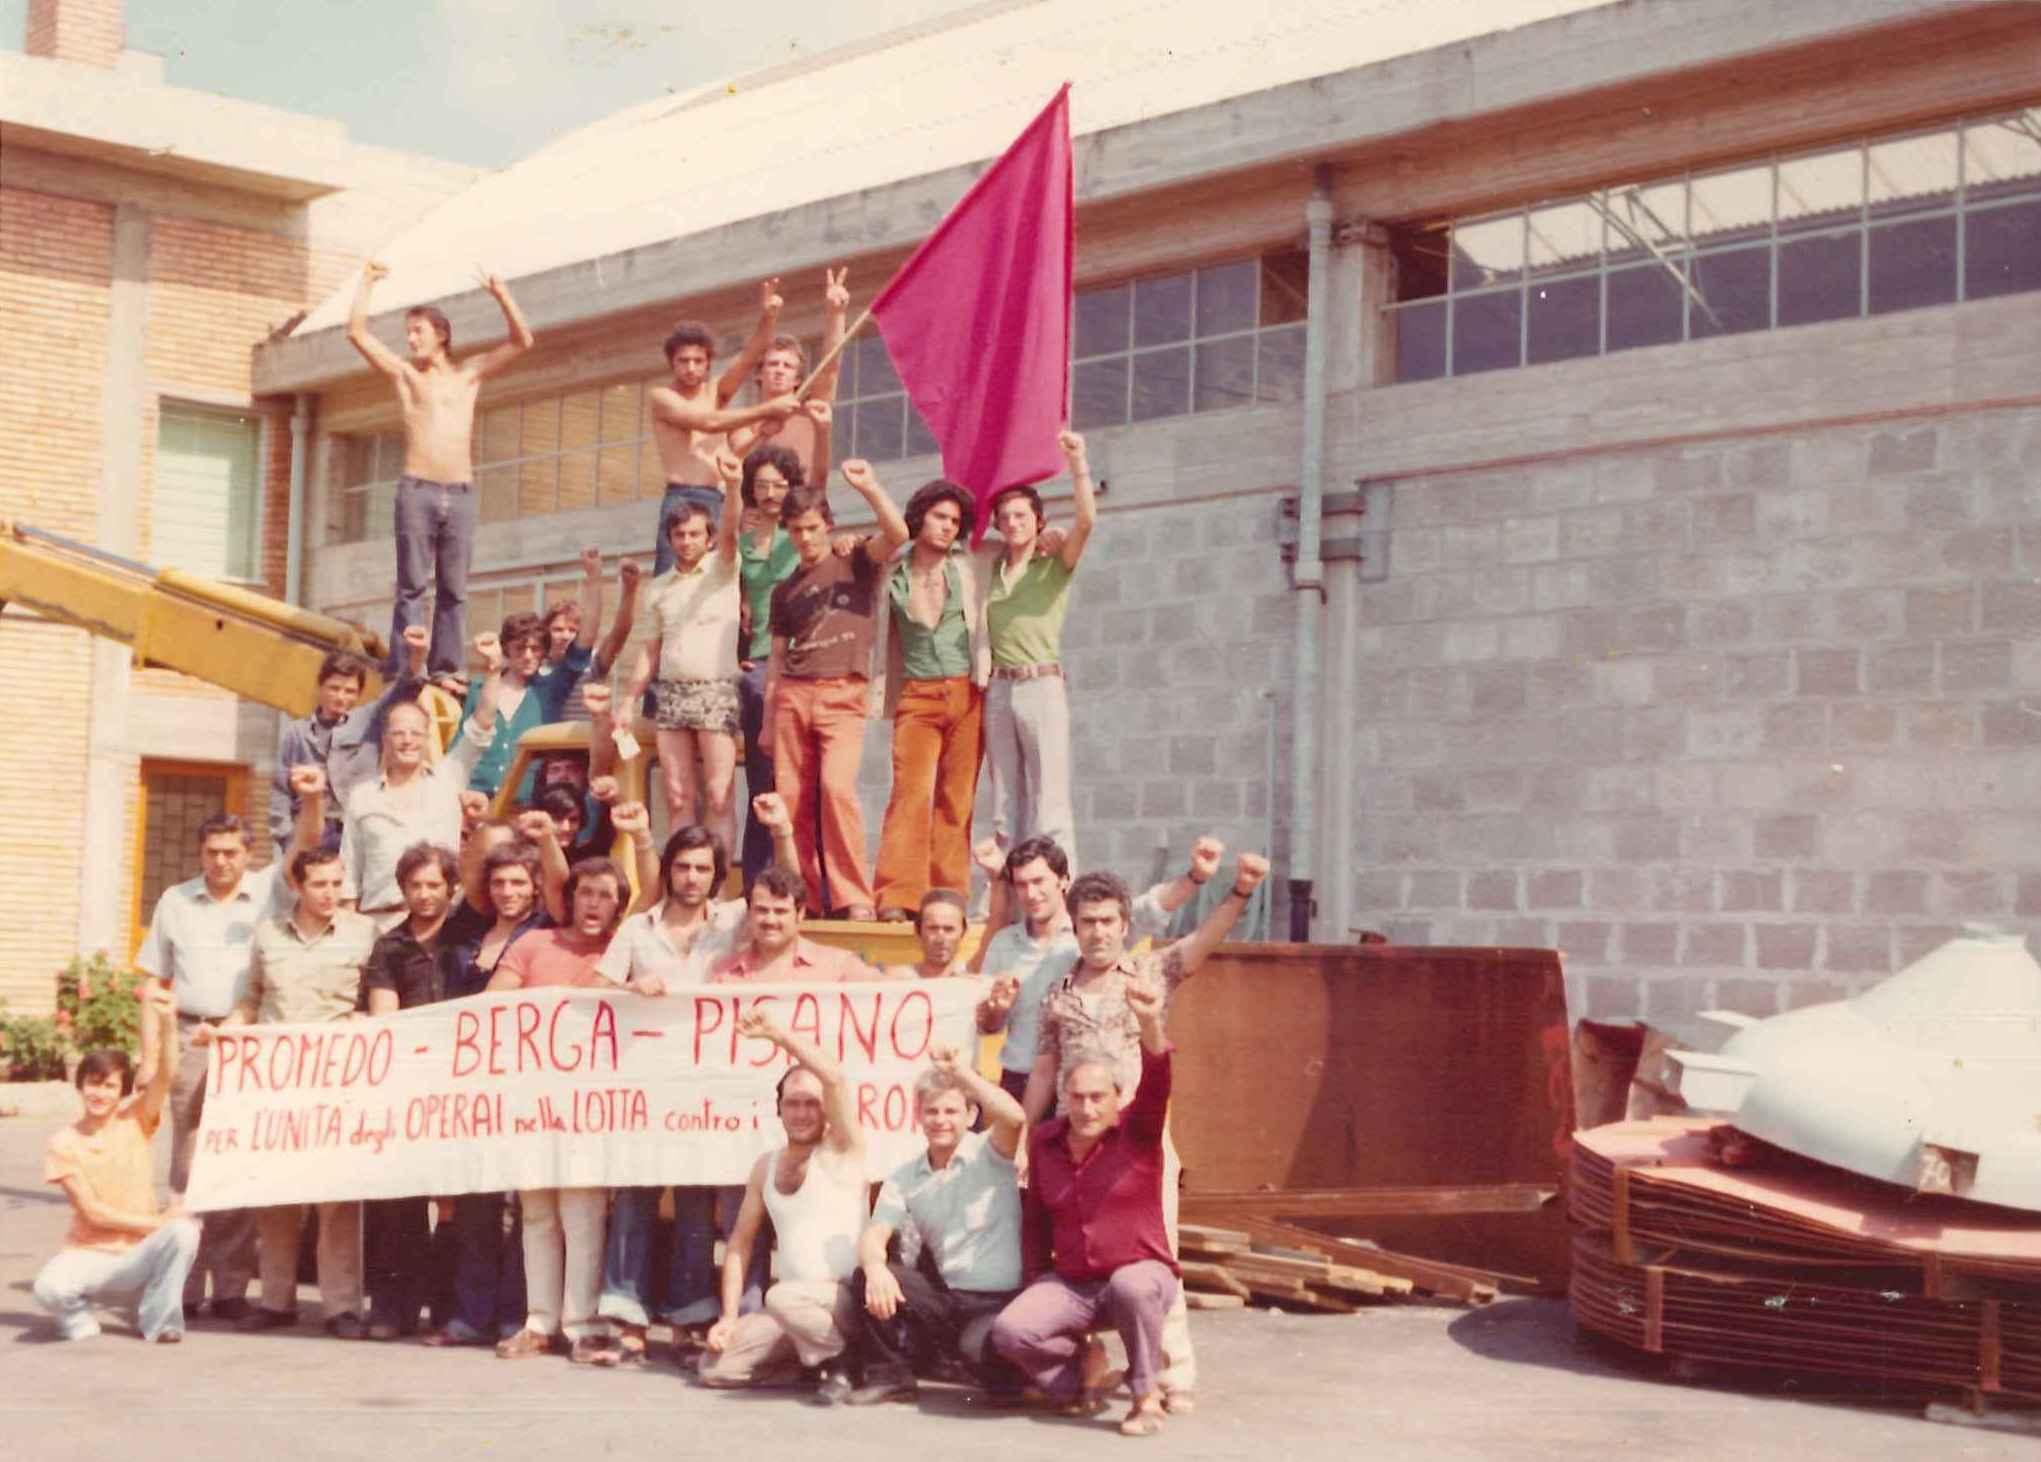 Gracci con l'amico Matteo Visconti, altri militanti marxisti-leninisti e alcuni operai durante l'occupazione della fabbrica Berga Sud di Salerno, luglio 1974.